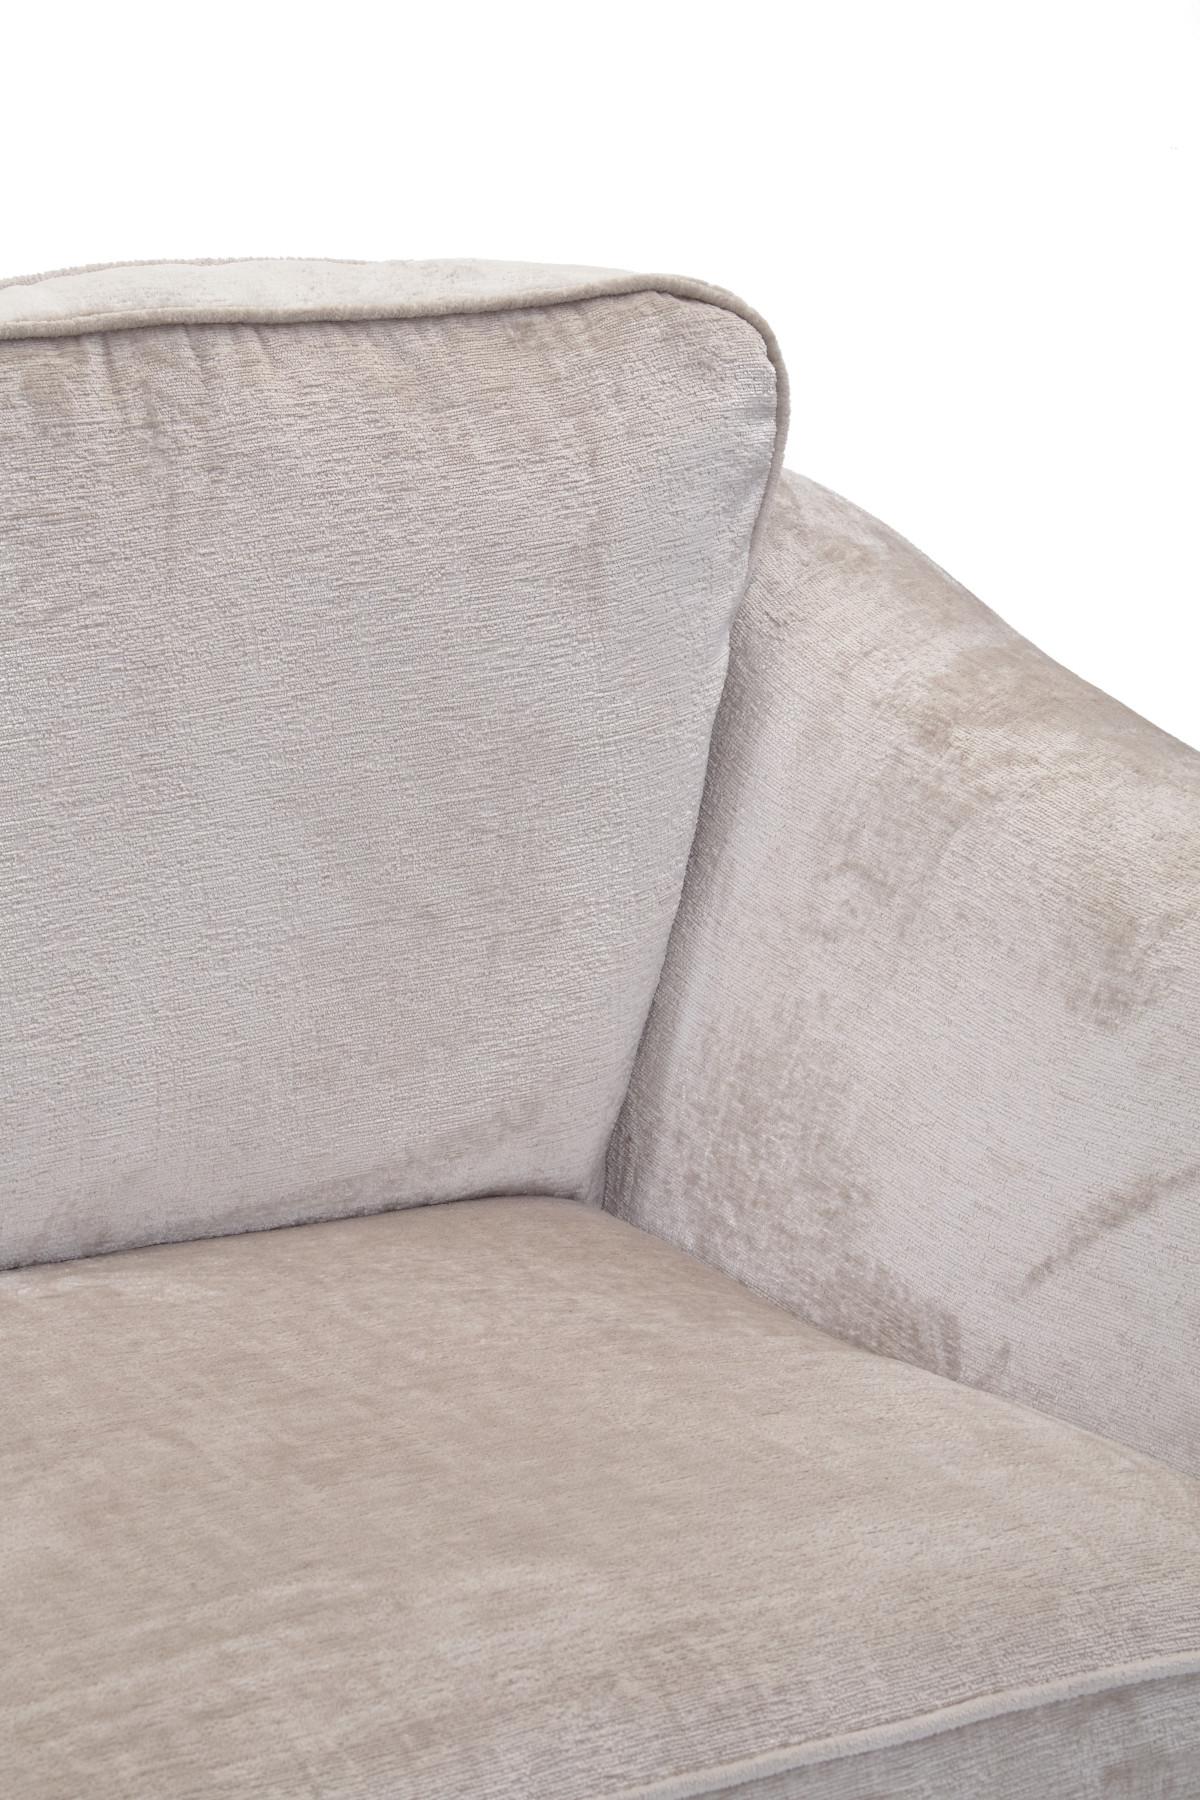 Margate 3 Seater Sofa